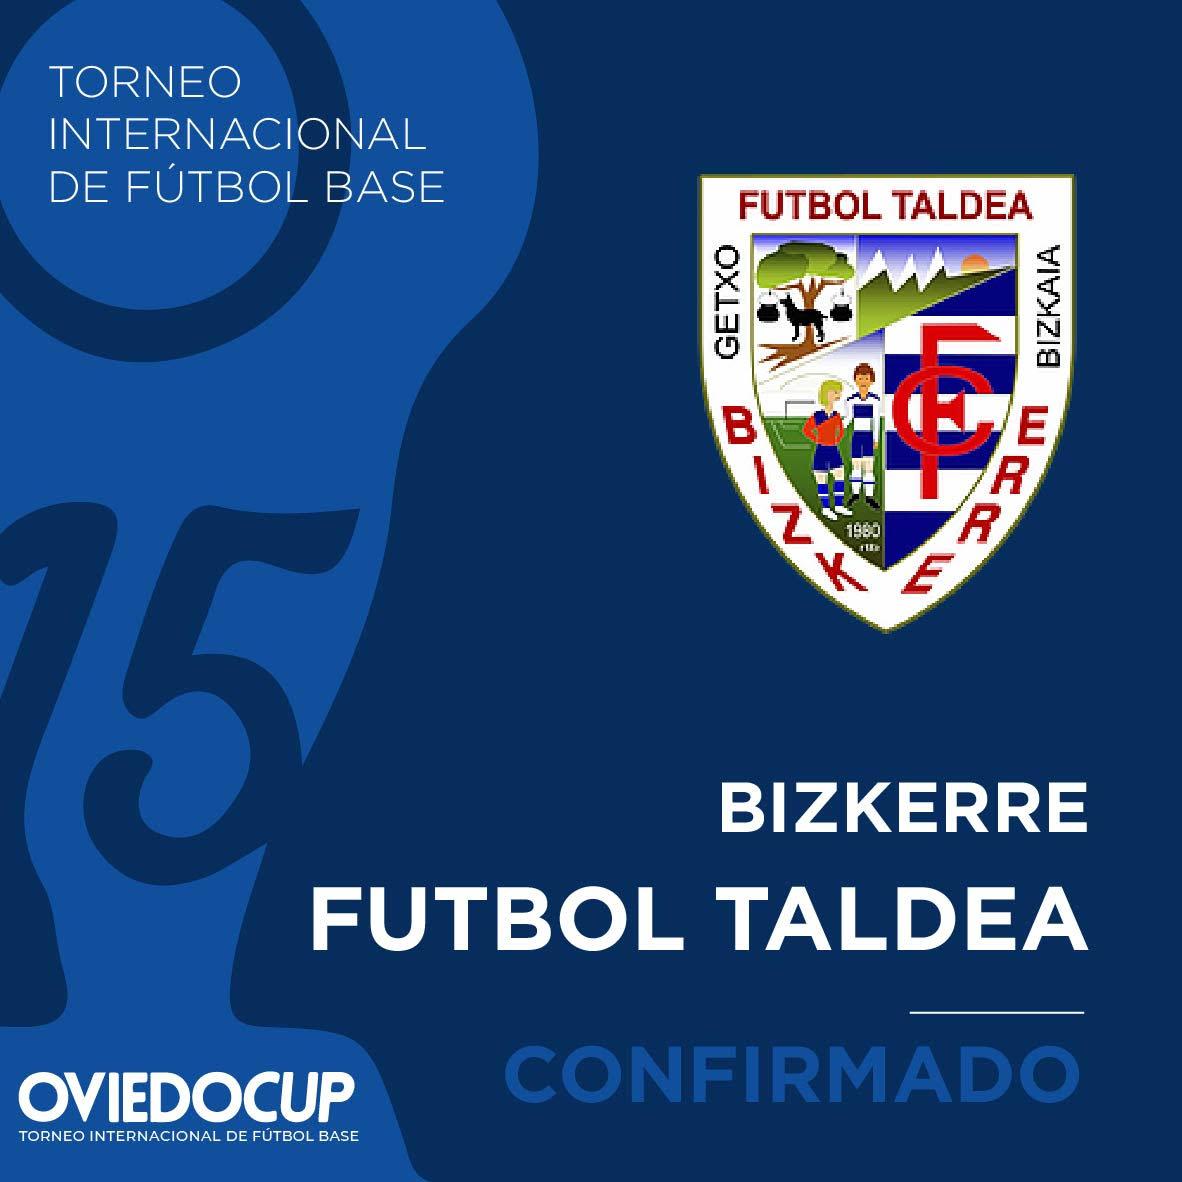   EQUIPO CONFIRMADO  ¡¡El club vasco competirá en la #OviedoCup2020!! @Bizkerreft  #TorneoInternacional #FútboBase #OviedoCup #XVEdición #SemanaSantapic.twitter.com/GUs0NyBOI2